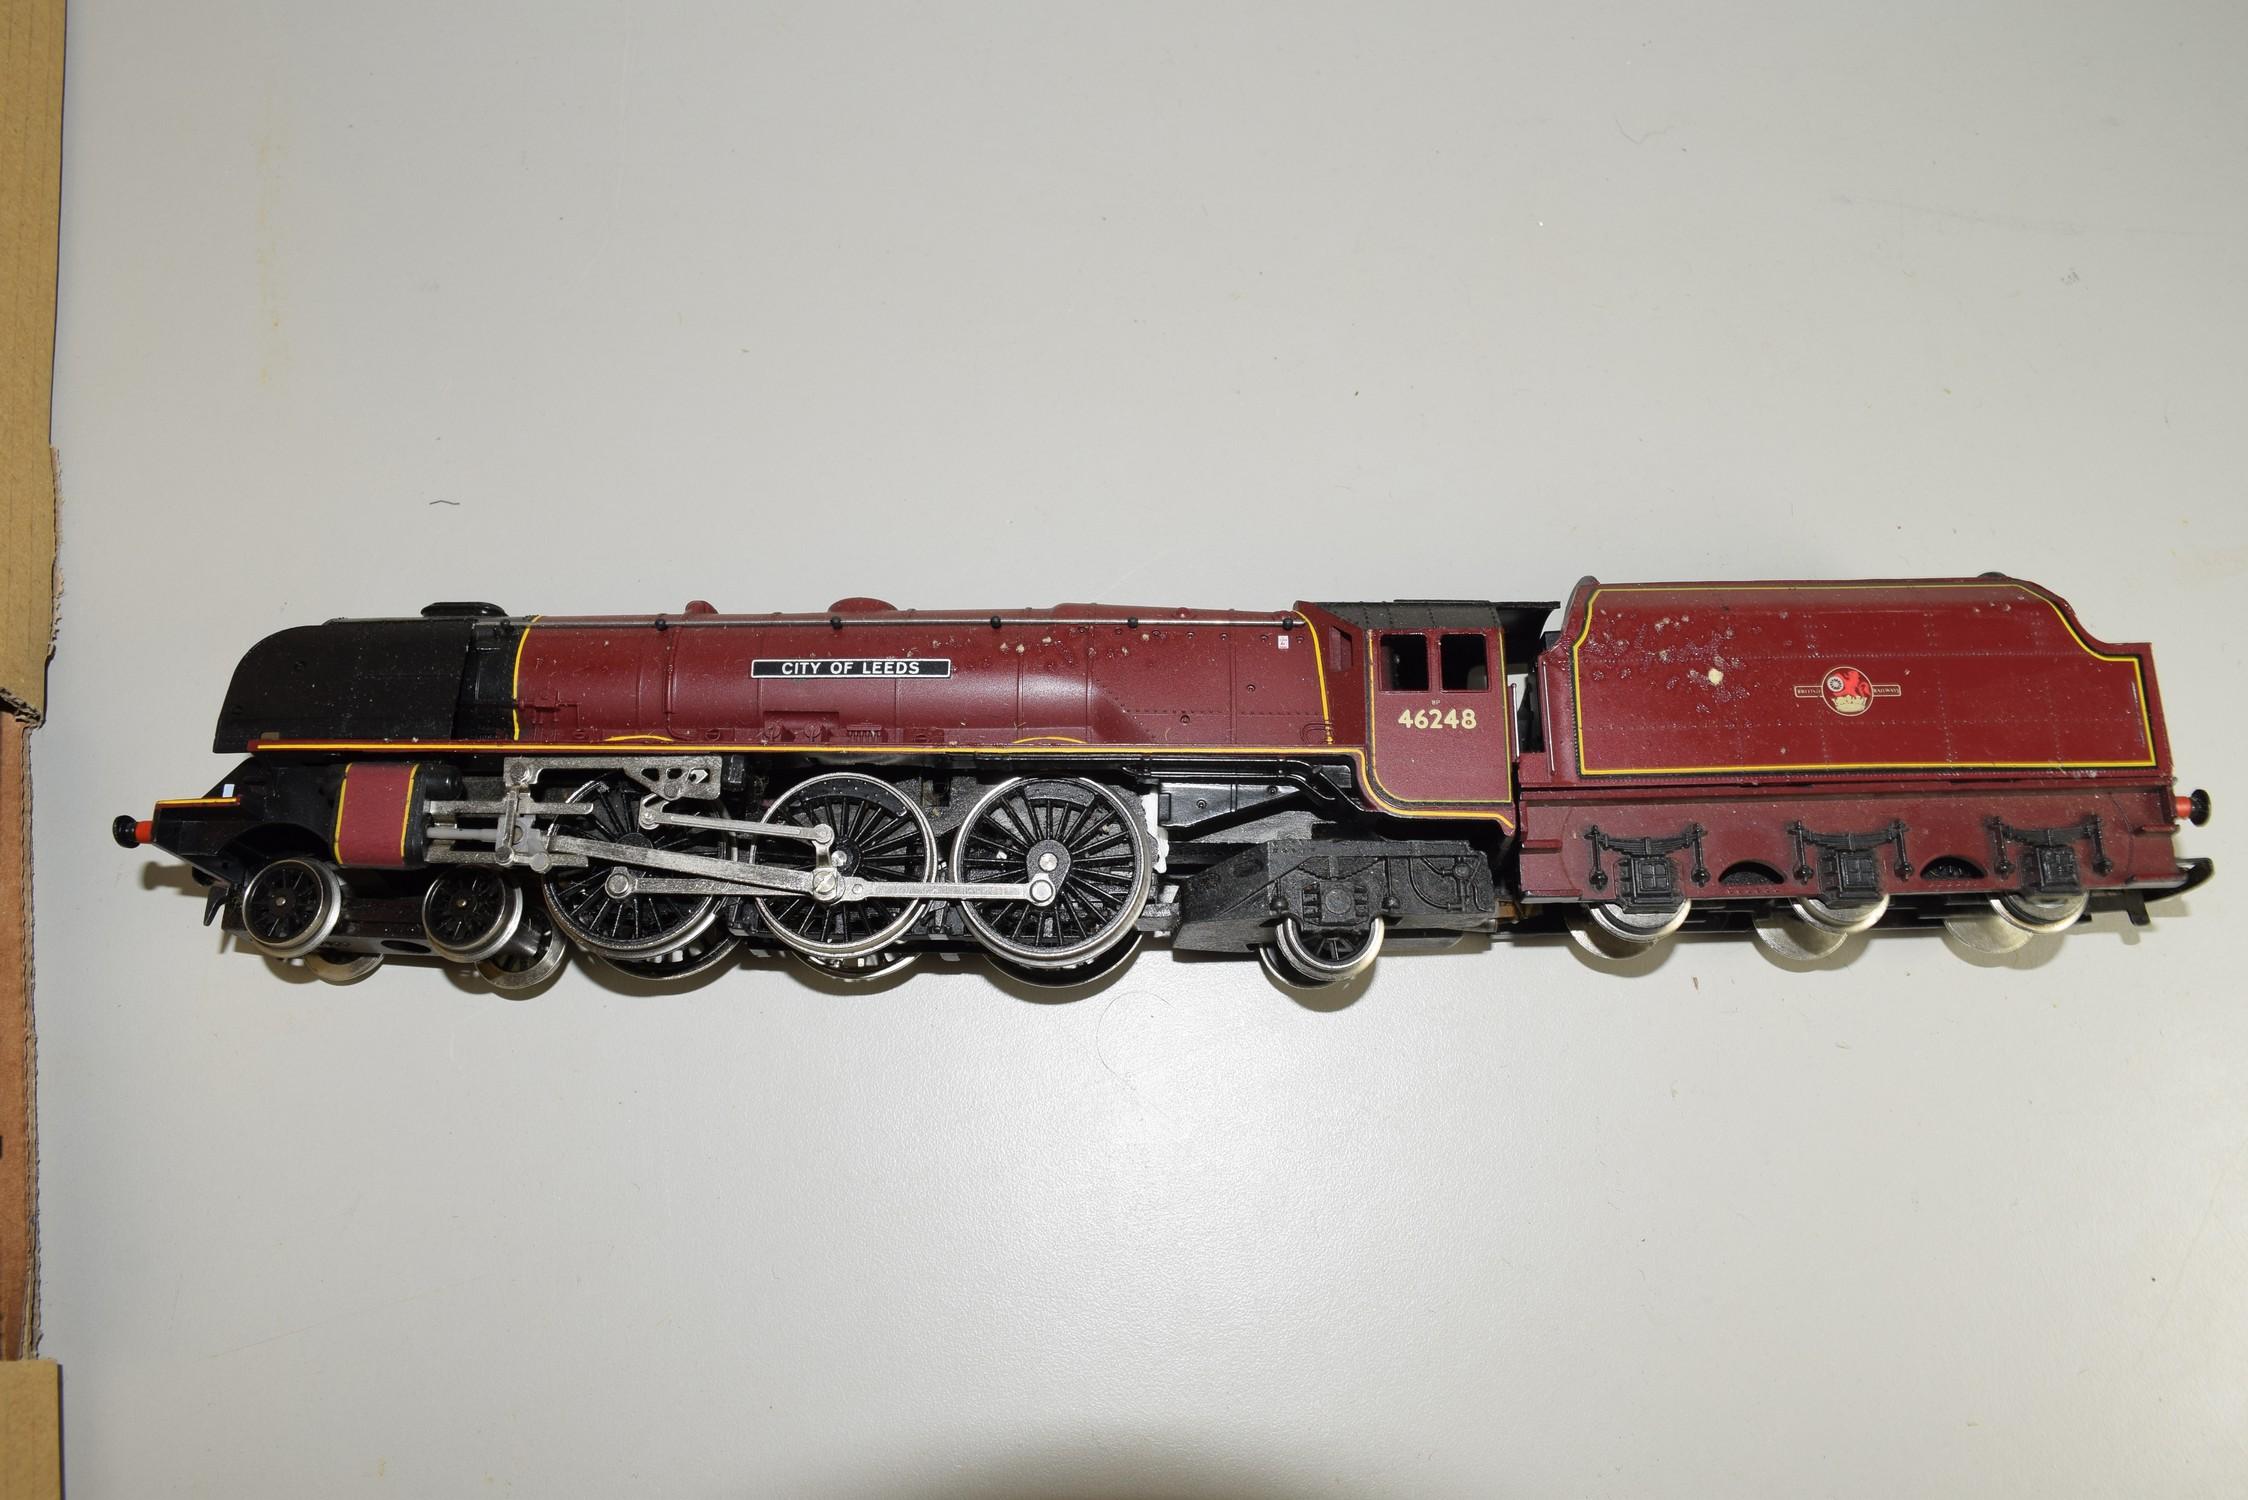 """Unboxed Hornby 00 gauge """"City of Leeds"""" locomotive no 46248"""